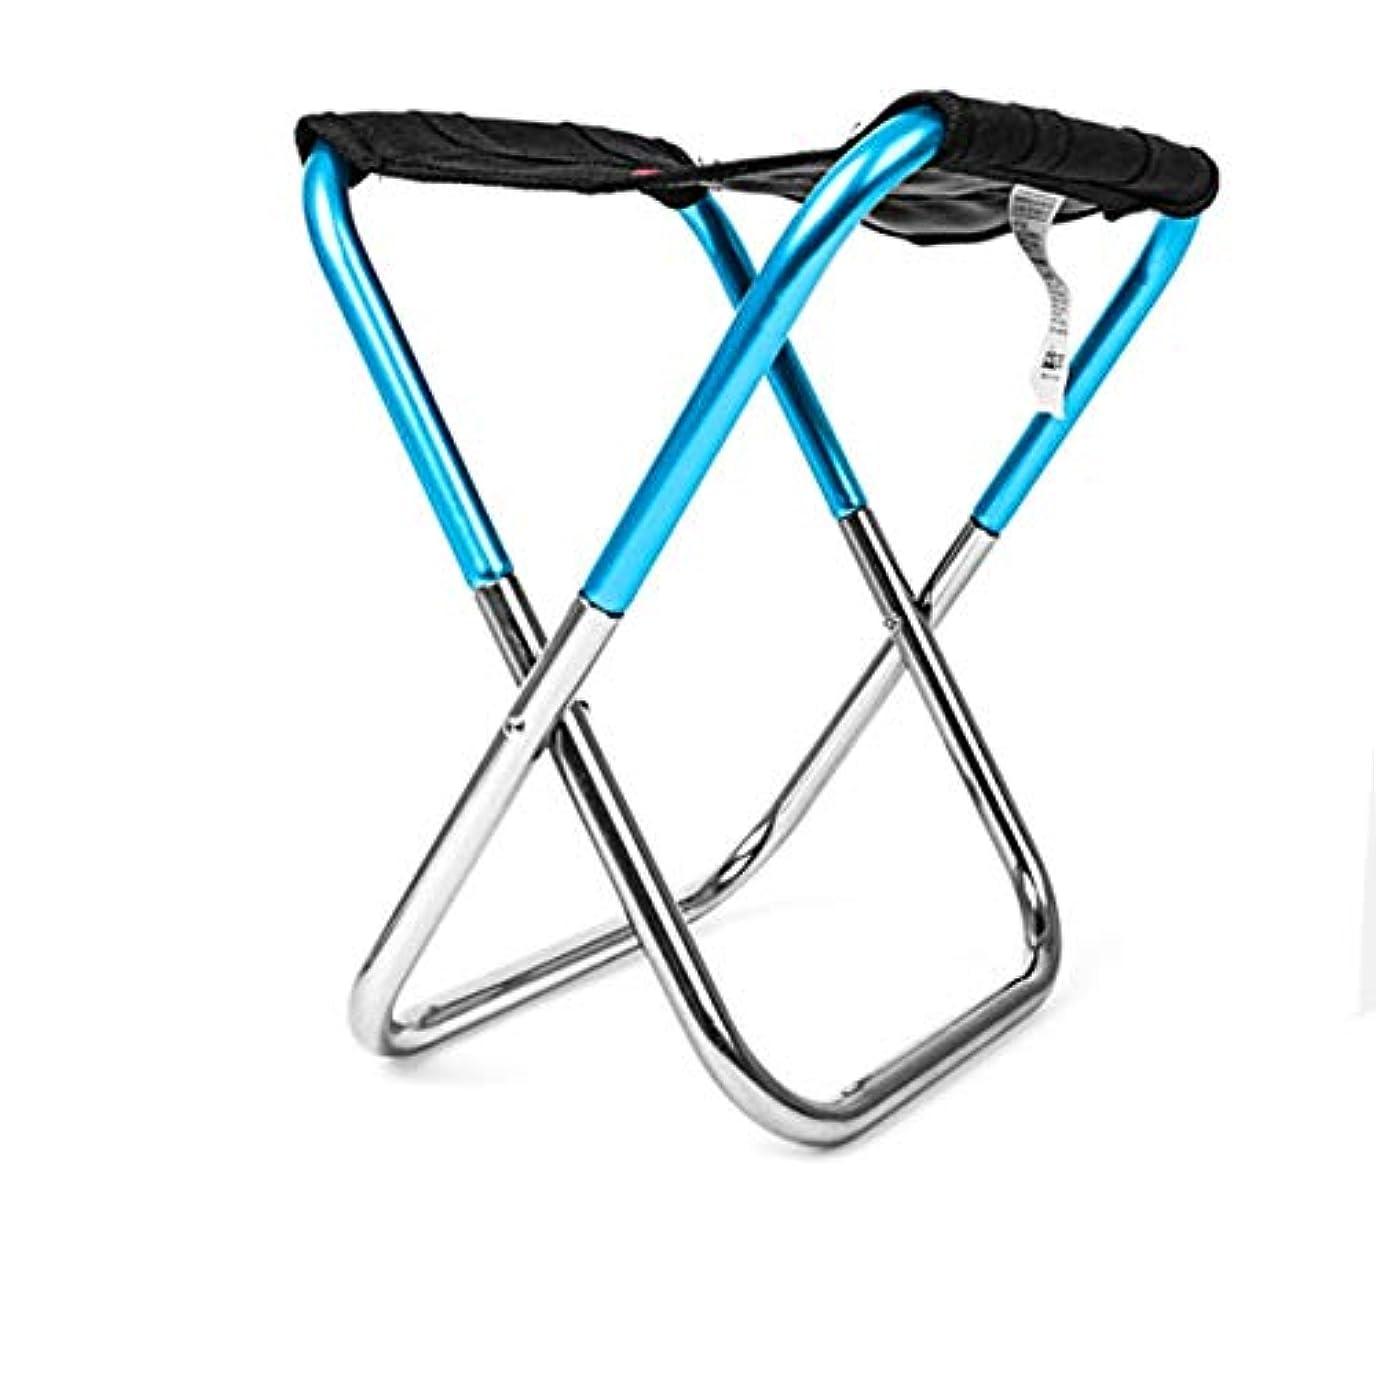 年次略奪本体屋外折りたたみシートチェア折りたたみミニスツールポータブルキャンプフィッシングトレインベンチ折りたたみ式並んだスツール-ブルー